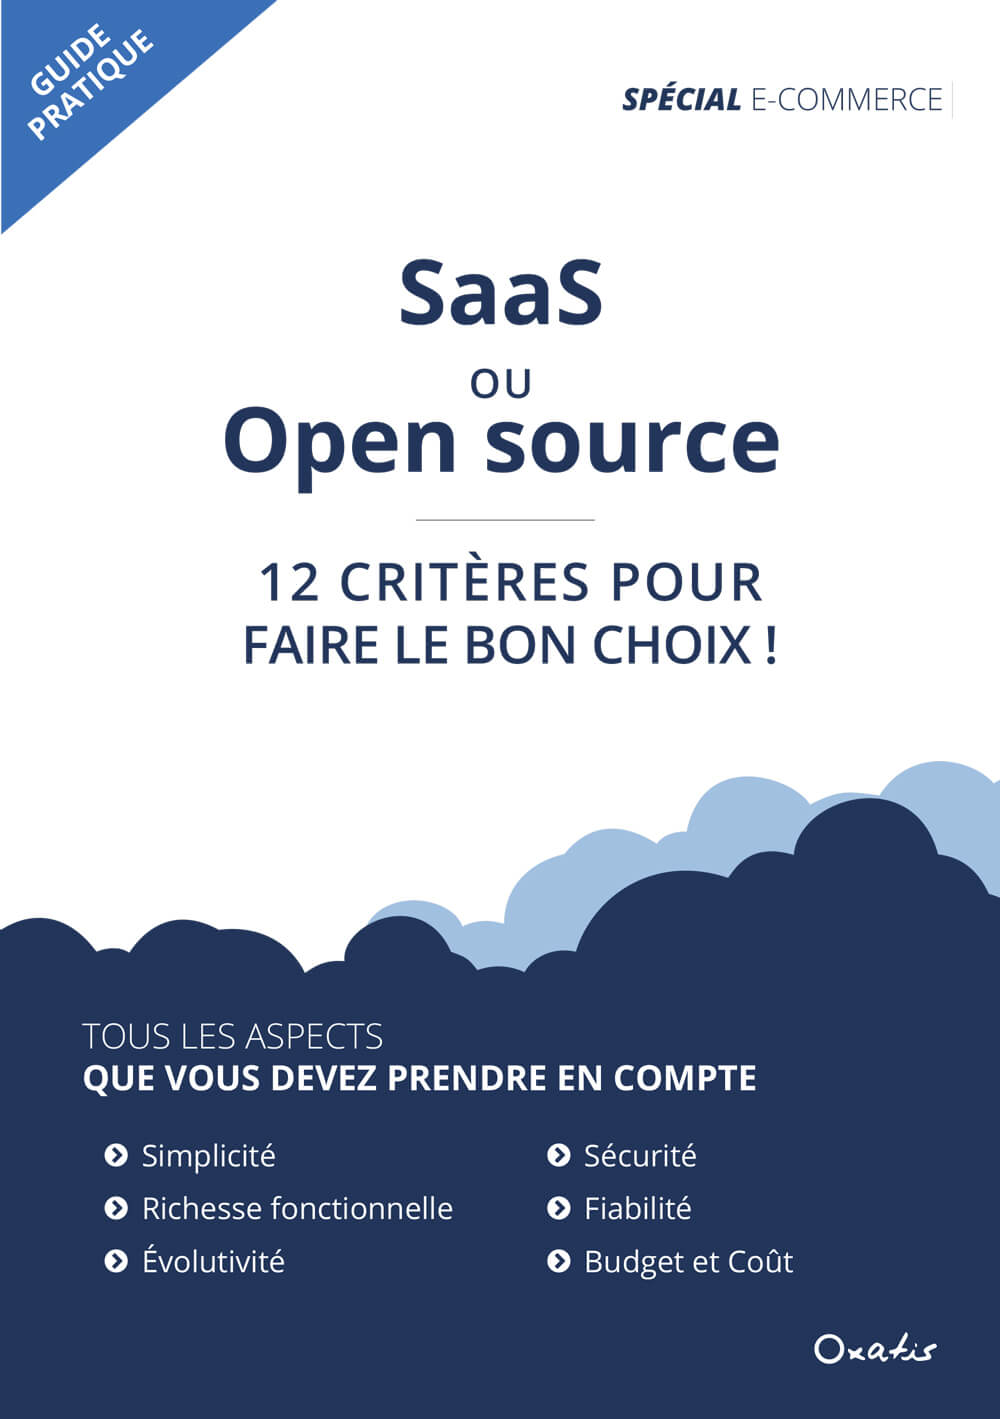 SaaS ou Open Source – Faites le bon choix